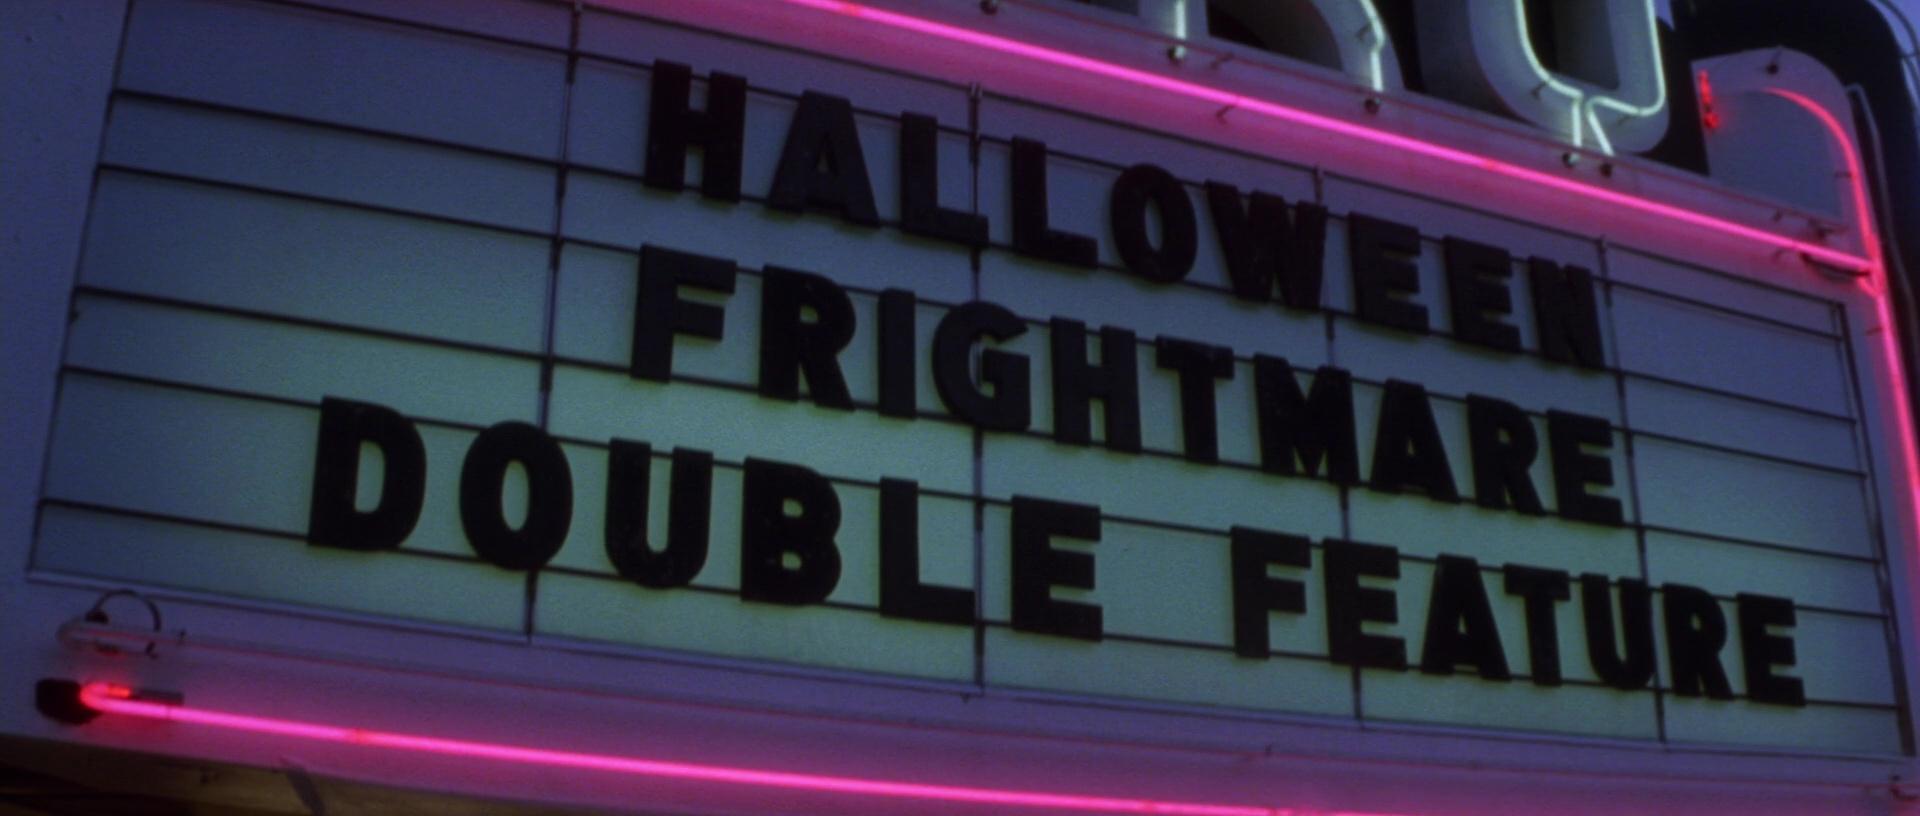 Donnie Darko film still 1